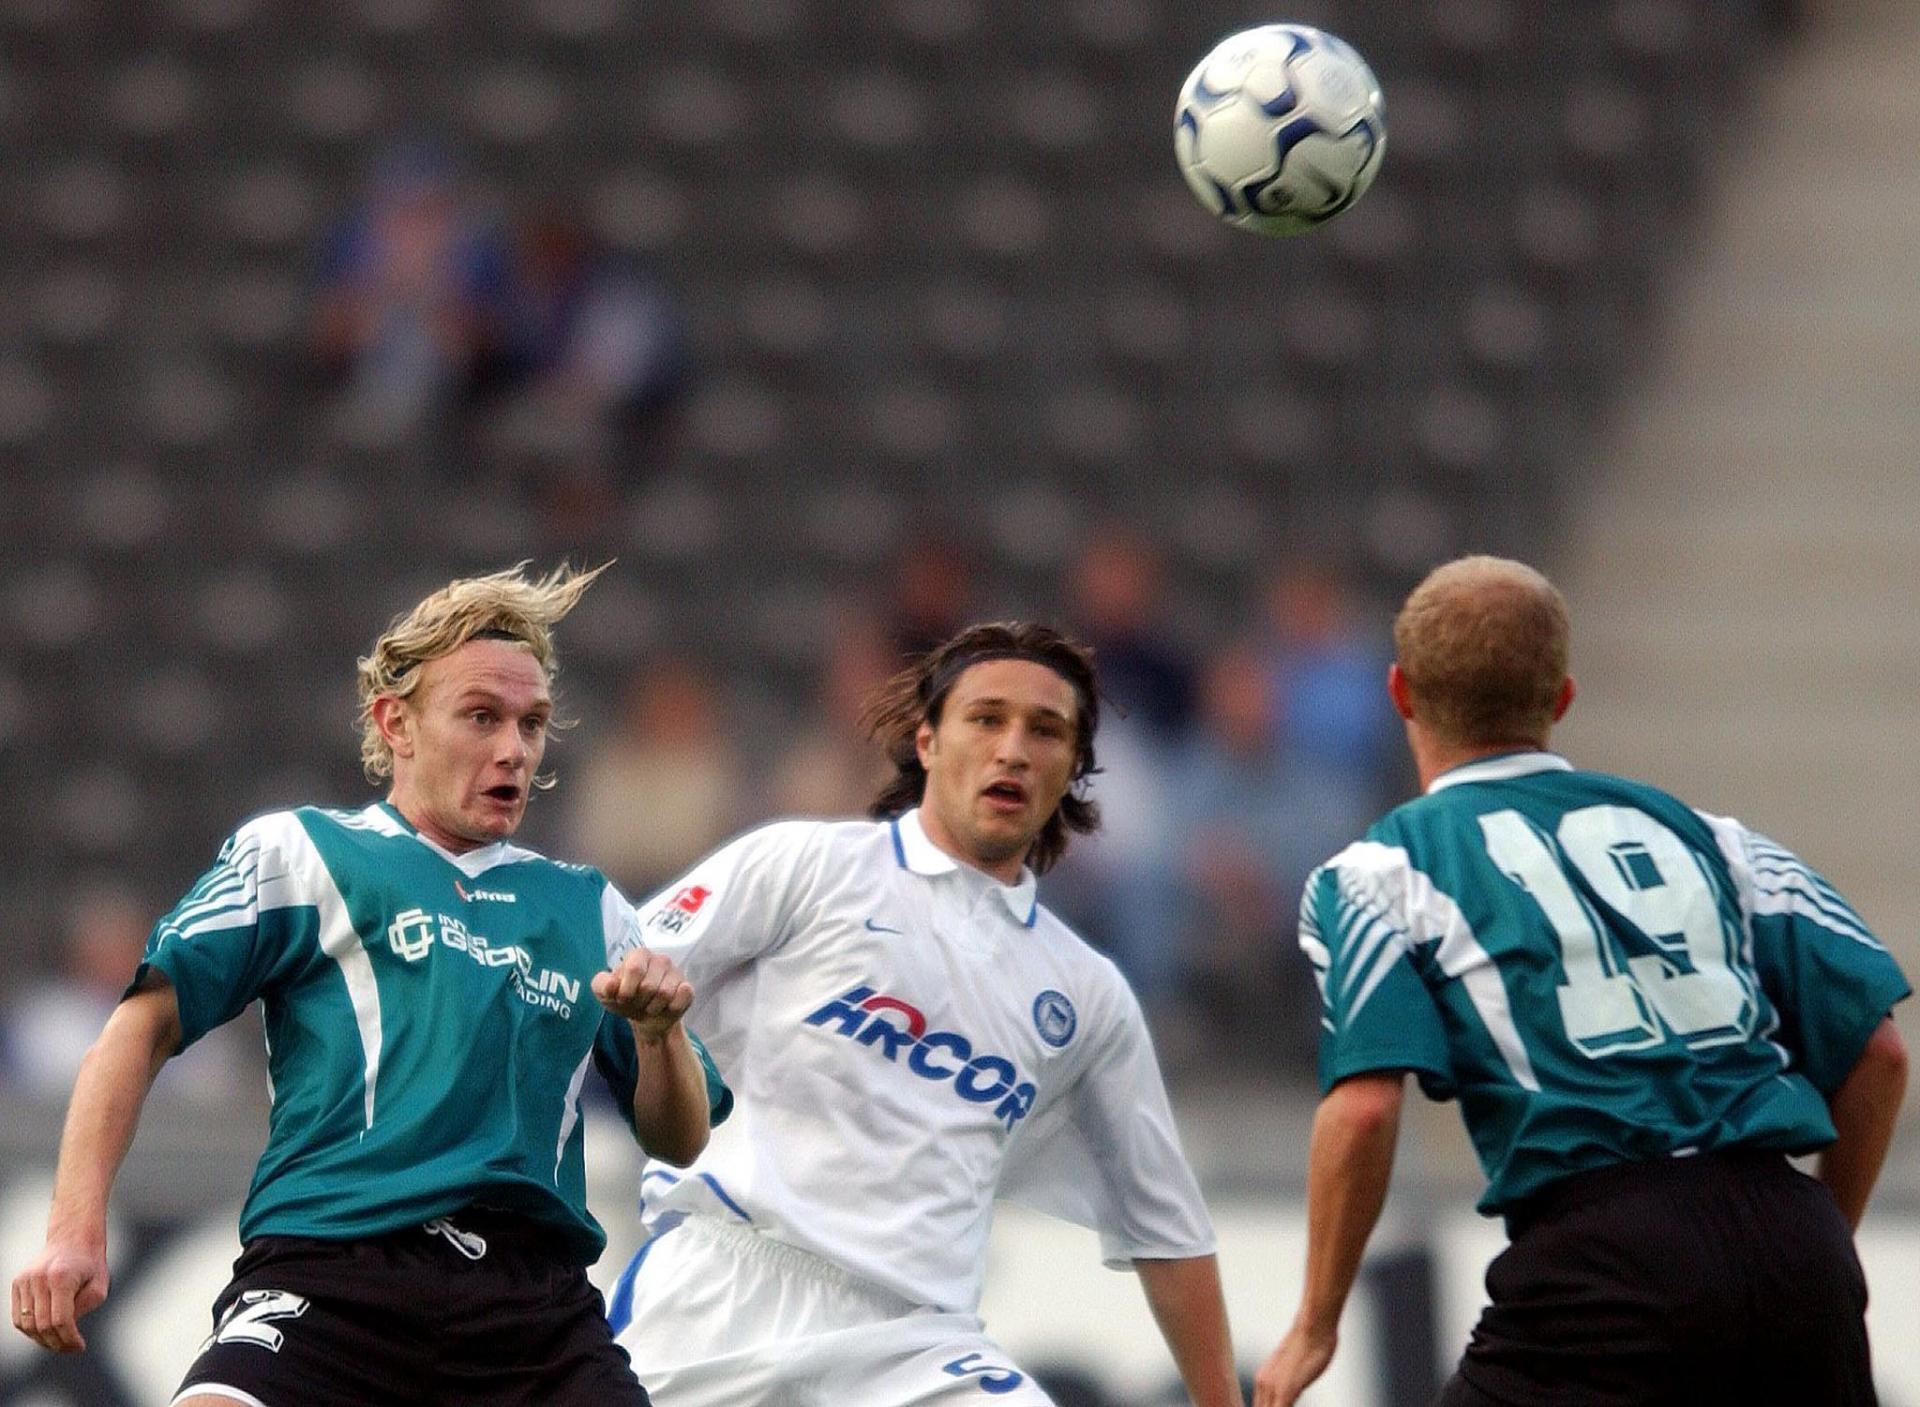 Sebastian Mila i Niko Kovac podczas meczu Hertha BSC Berlin - Groclin Dyskobolia Grodzisk Wielkopolski 0:0 (24.09.2003).